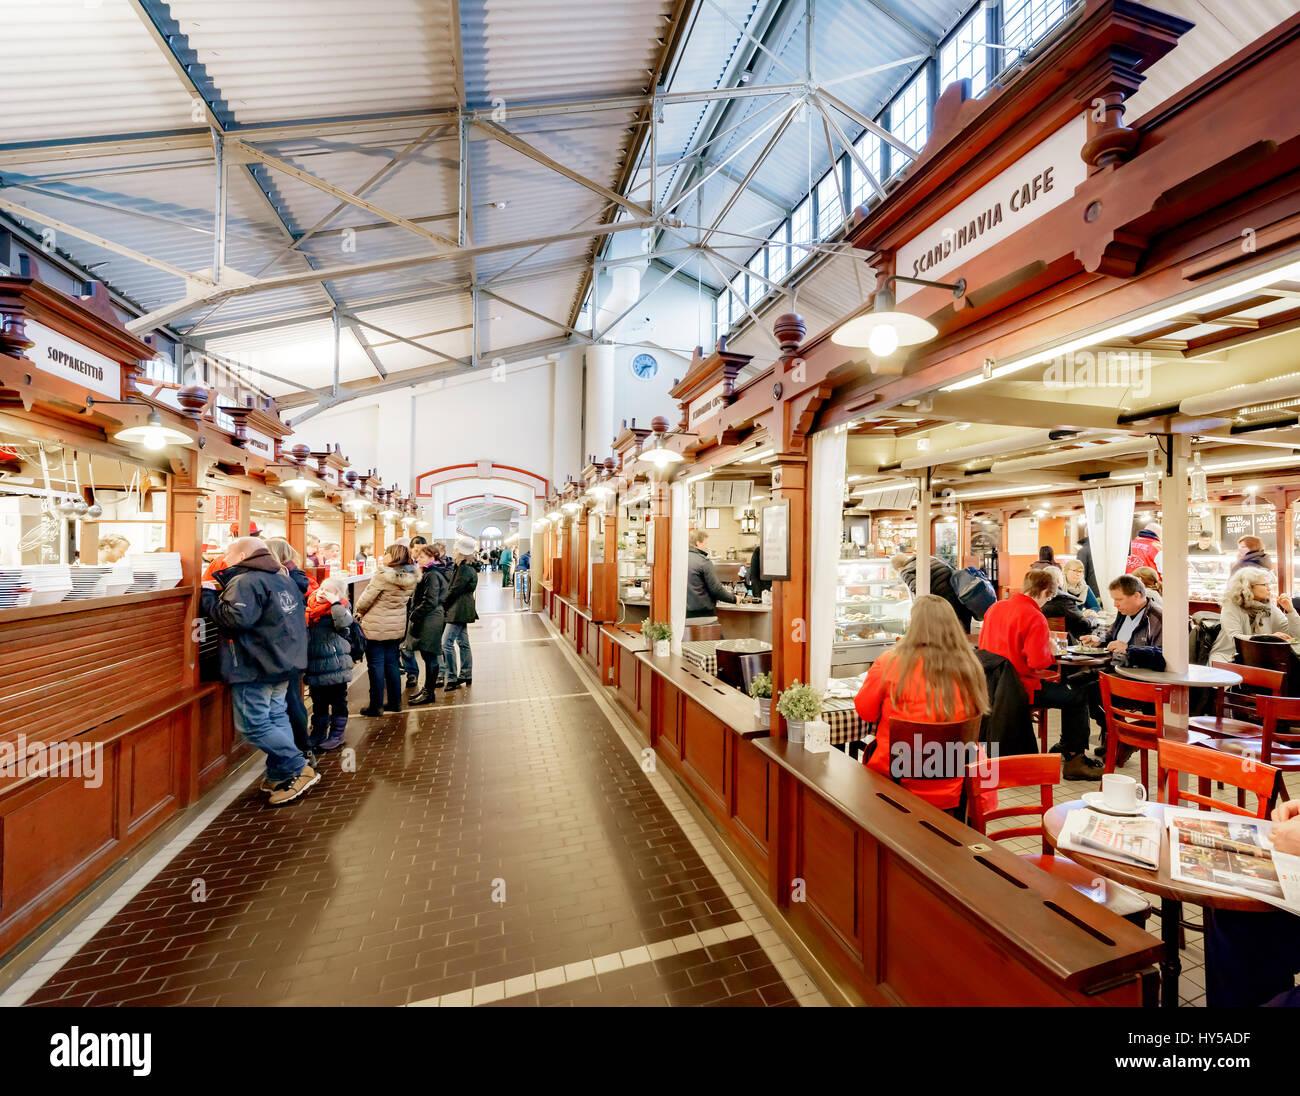 Finland, Uusimaa, Helsinki, Interior of Gamla Saluhallen - Stock Image